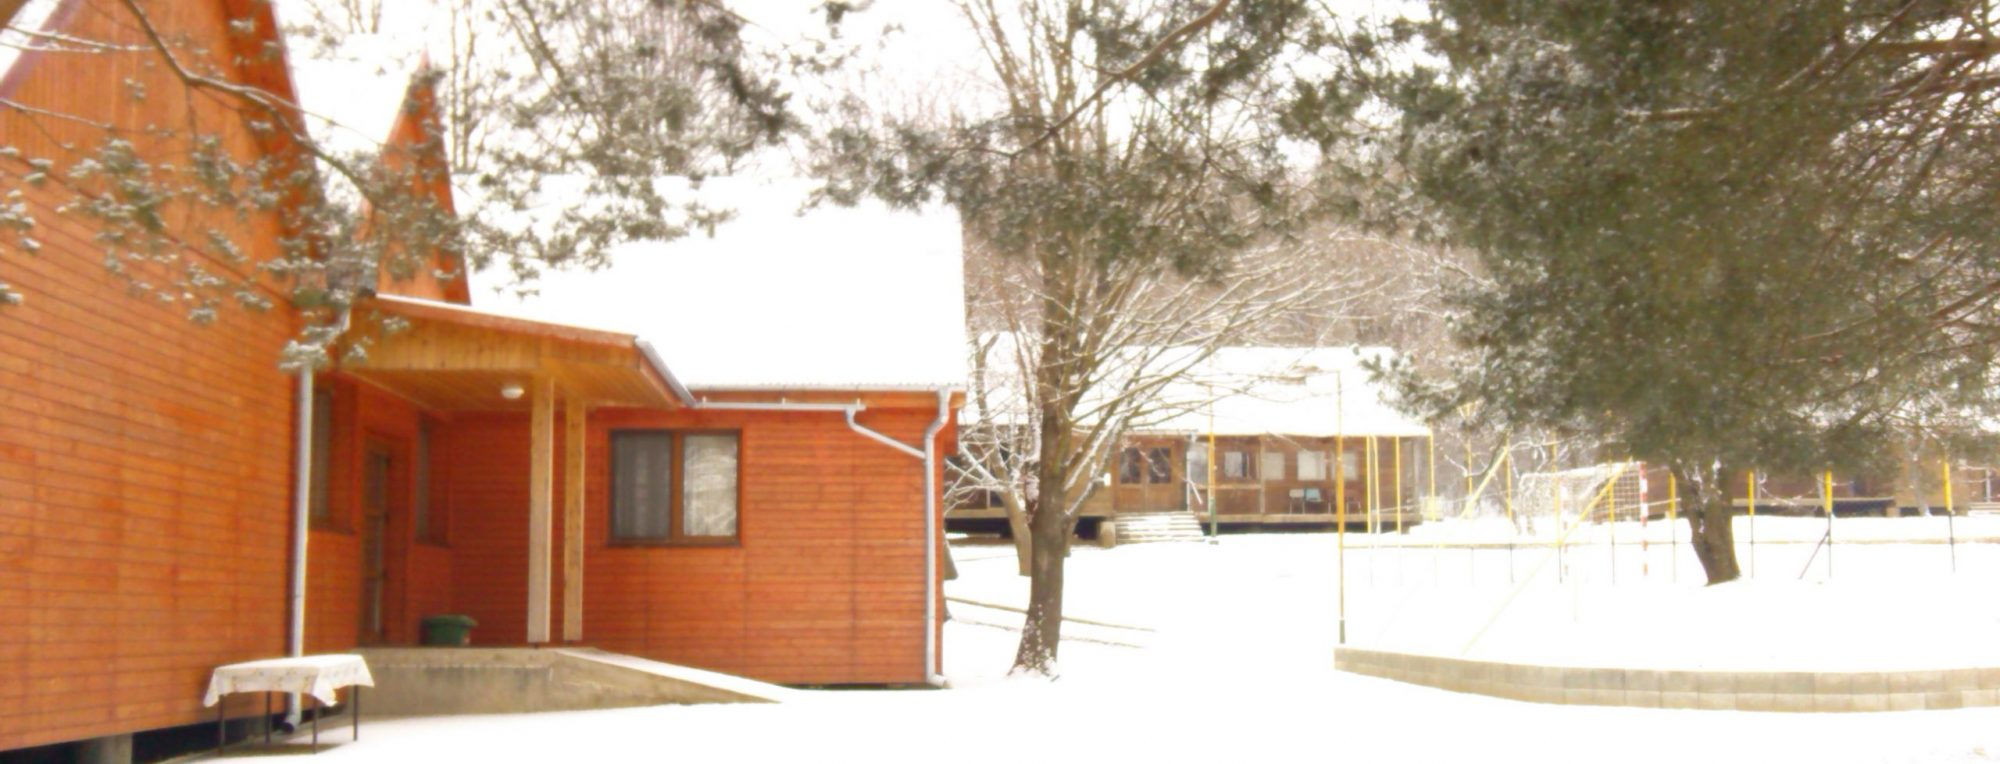 Cirkevná škola v prírode sv. Lukáša